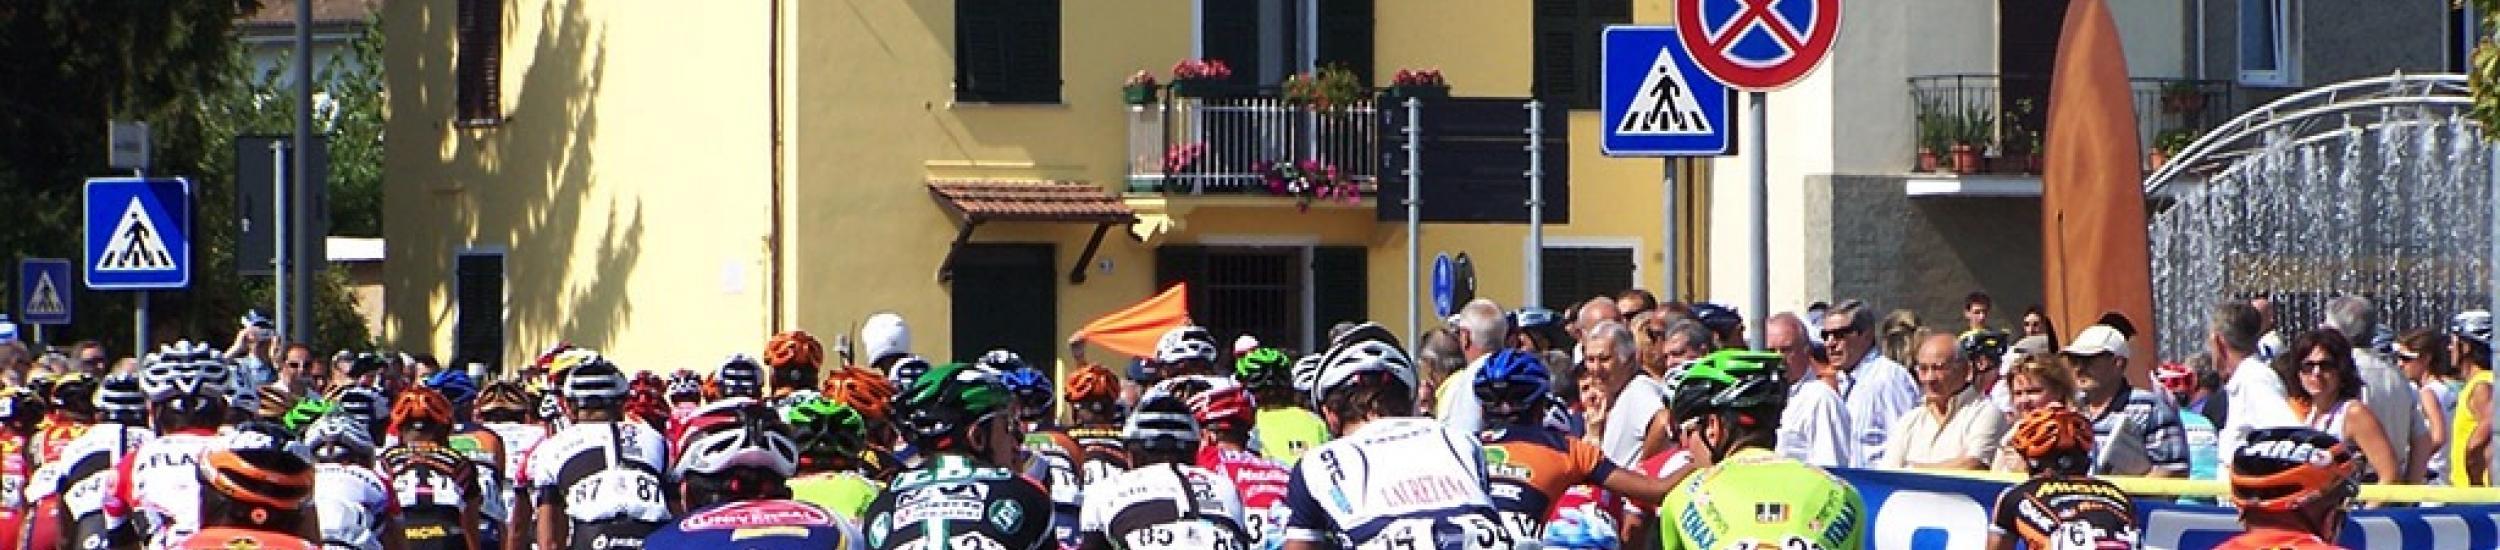 News: Triathlon, domenica la gara in bici che parte e arriva a recco